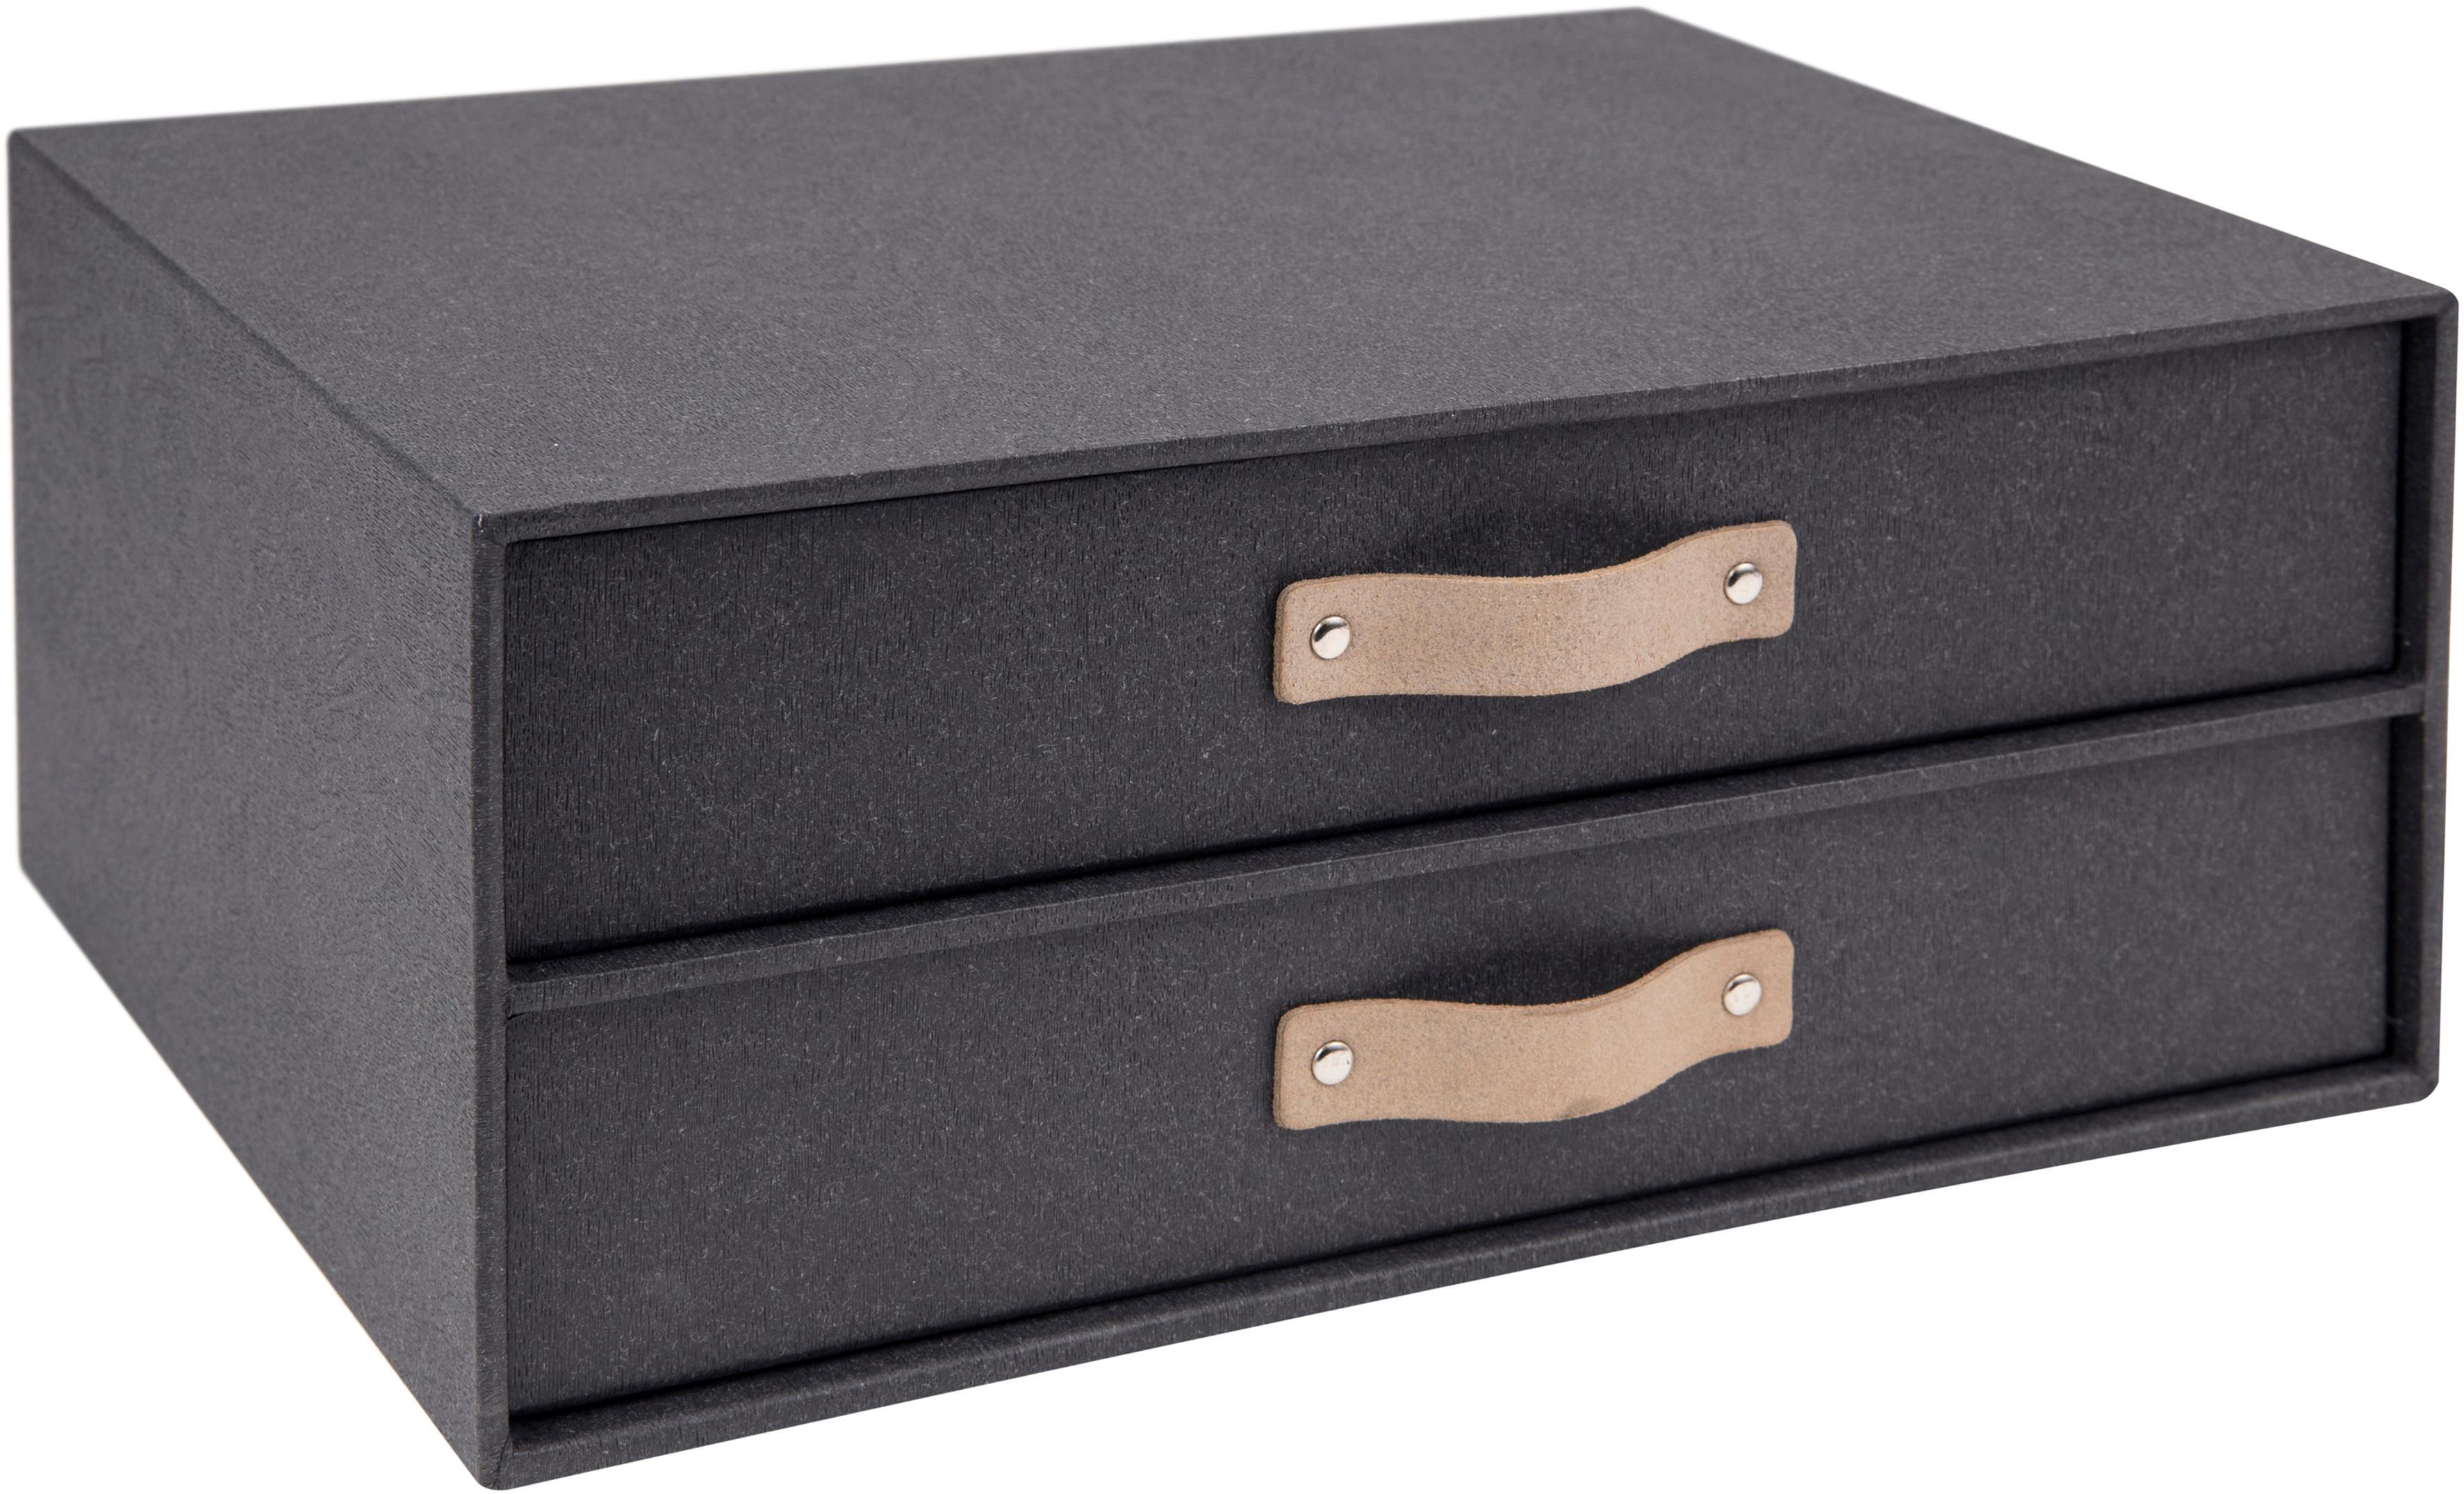 Organizer biurowy Birger II, Organizer na zewnątrz: czarny<br>Organizer wewnątrz: czarny<br>Uchwyty: beżowy, 33 x 15 cm